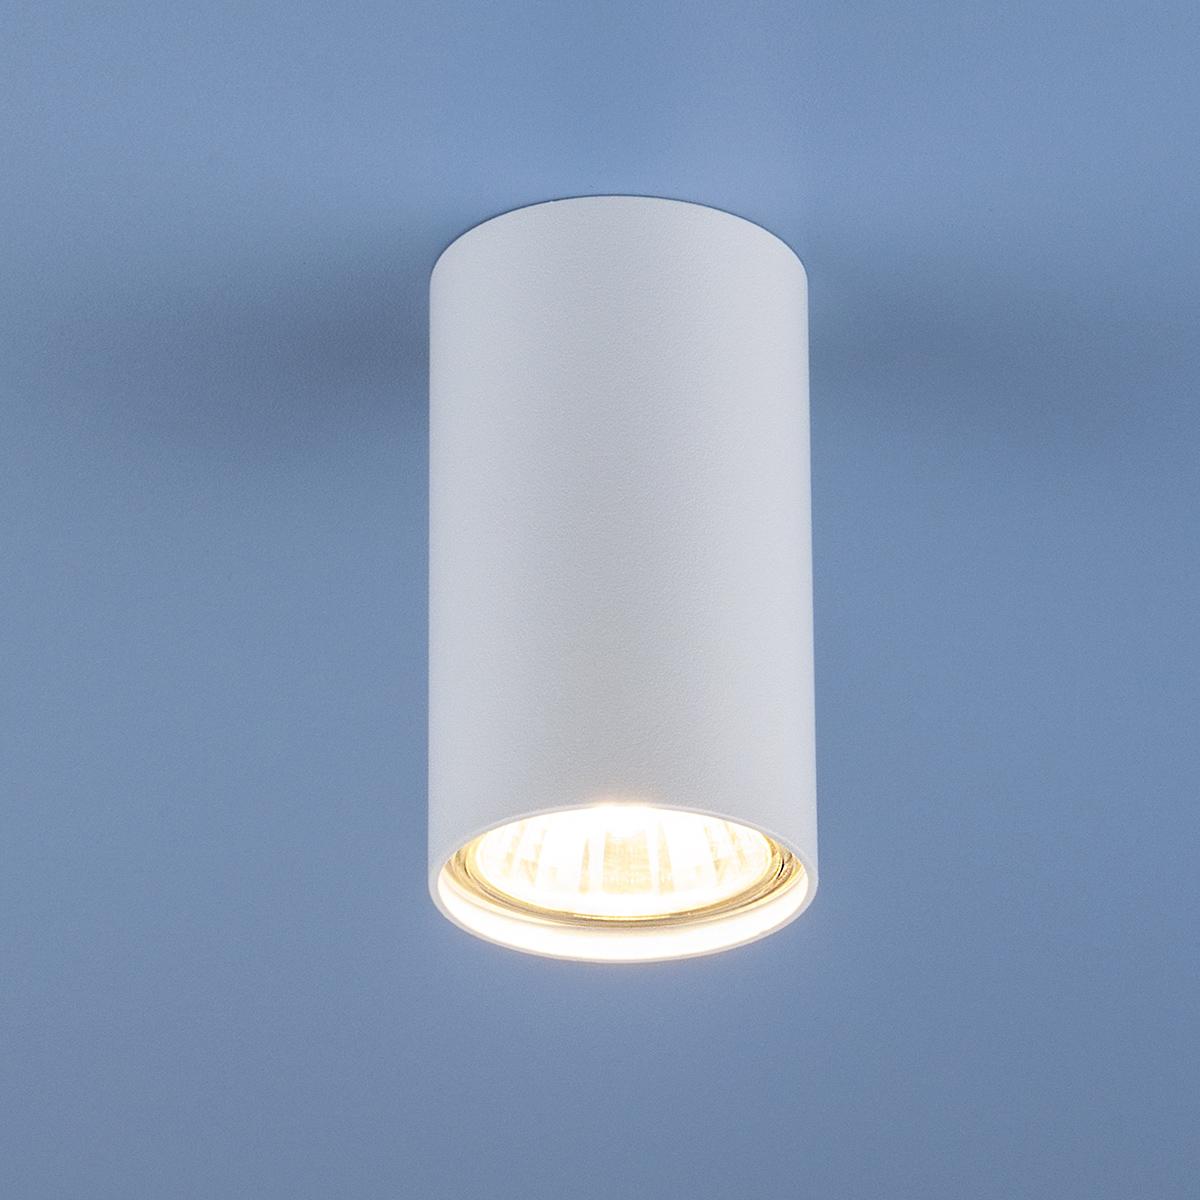 Накладной точечный светильник 5255 белый